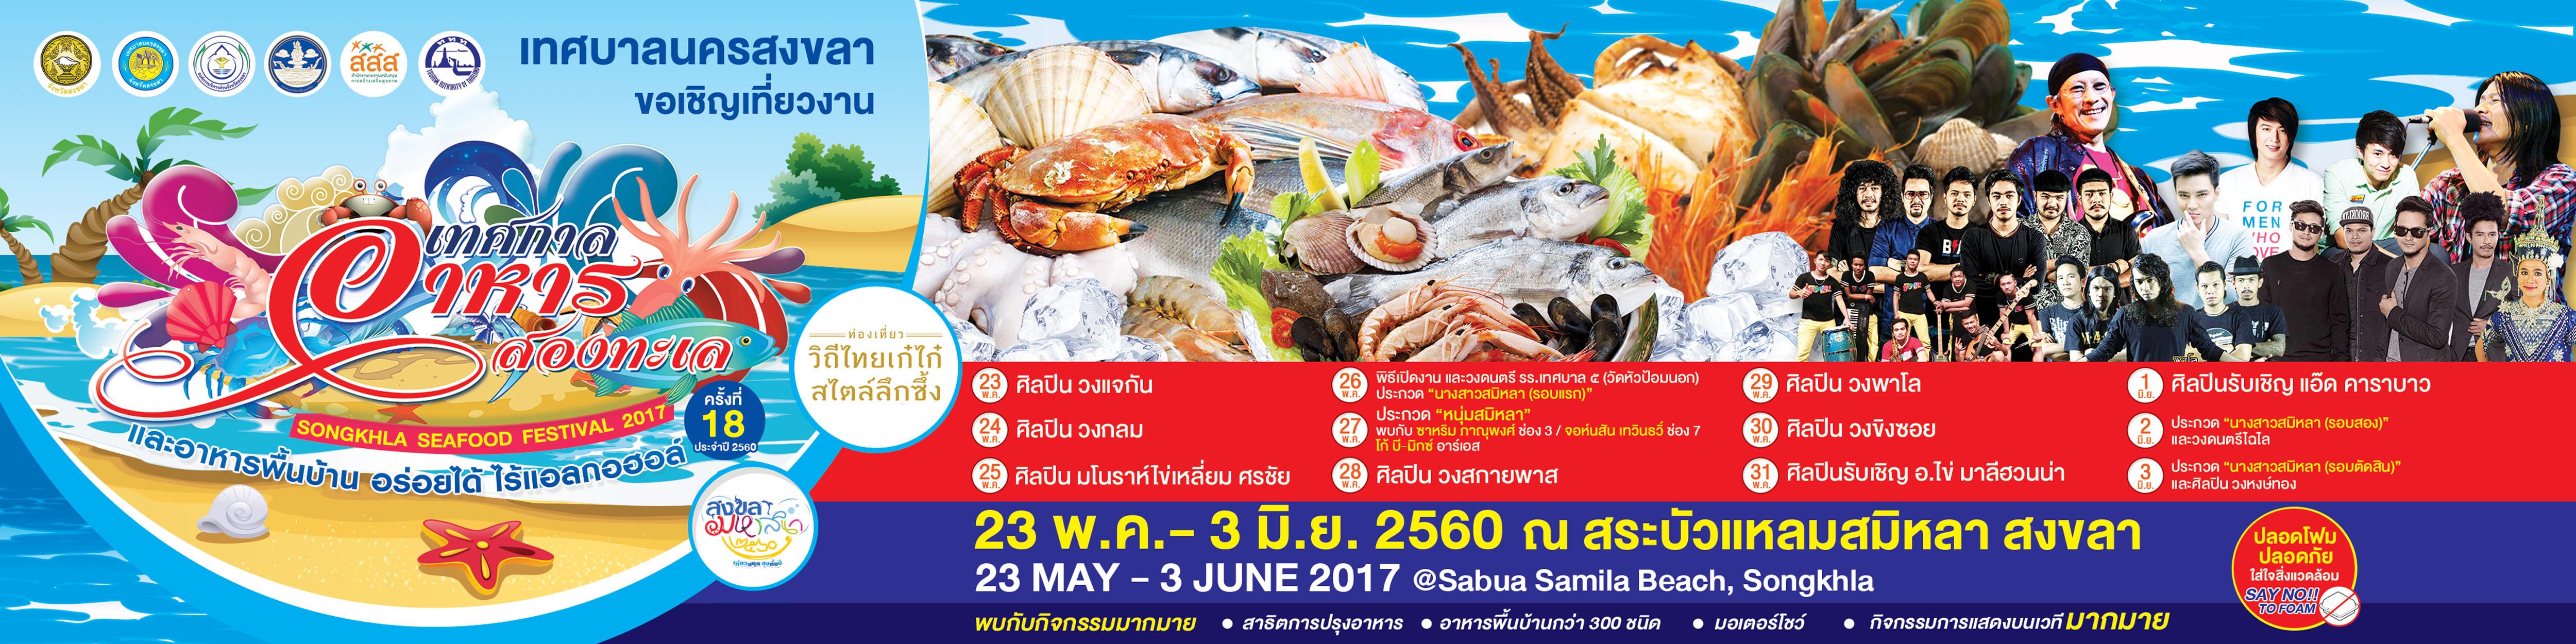 เทศกาลอาหาร 2 ทะเล